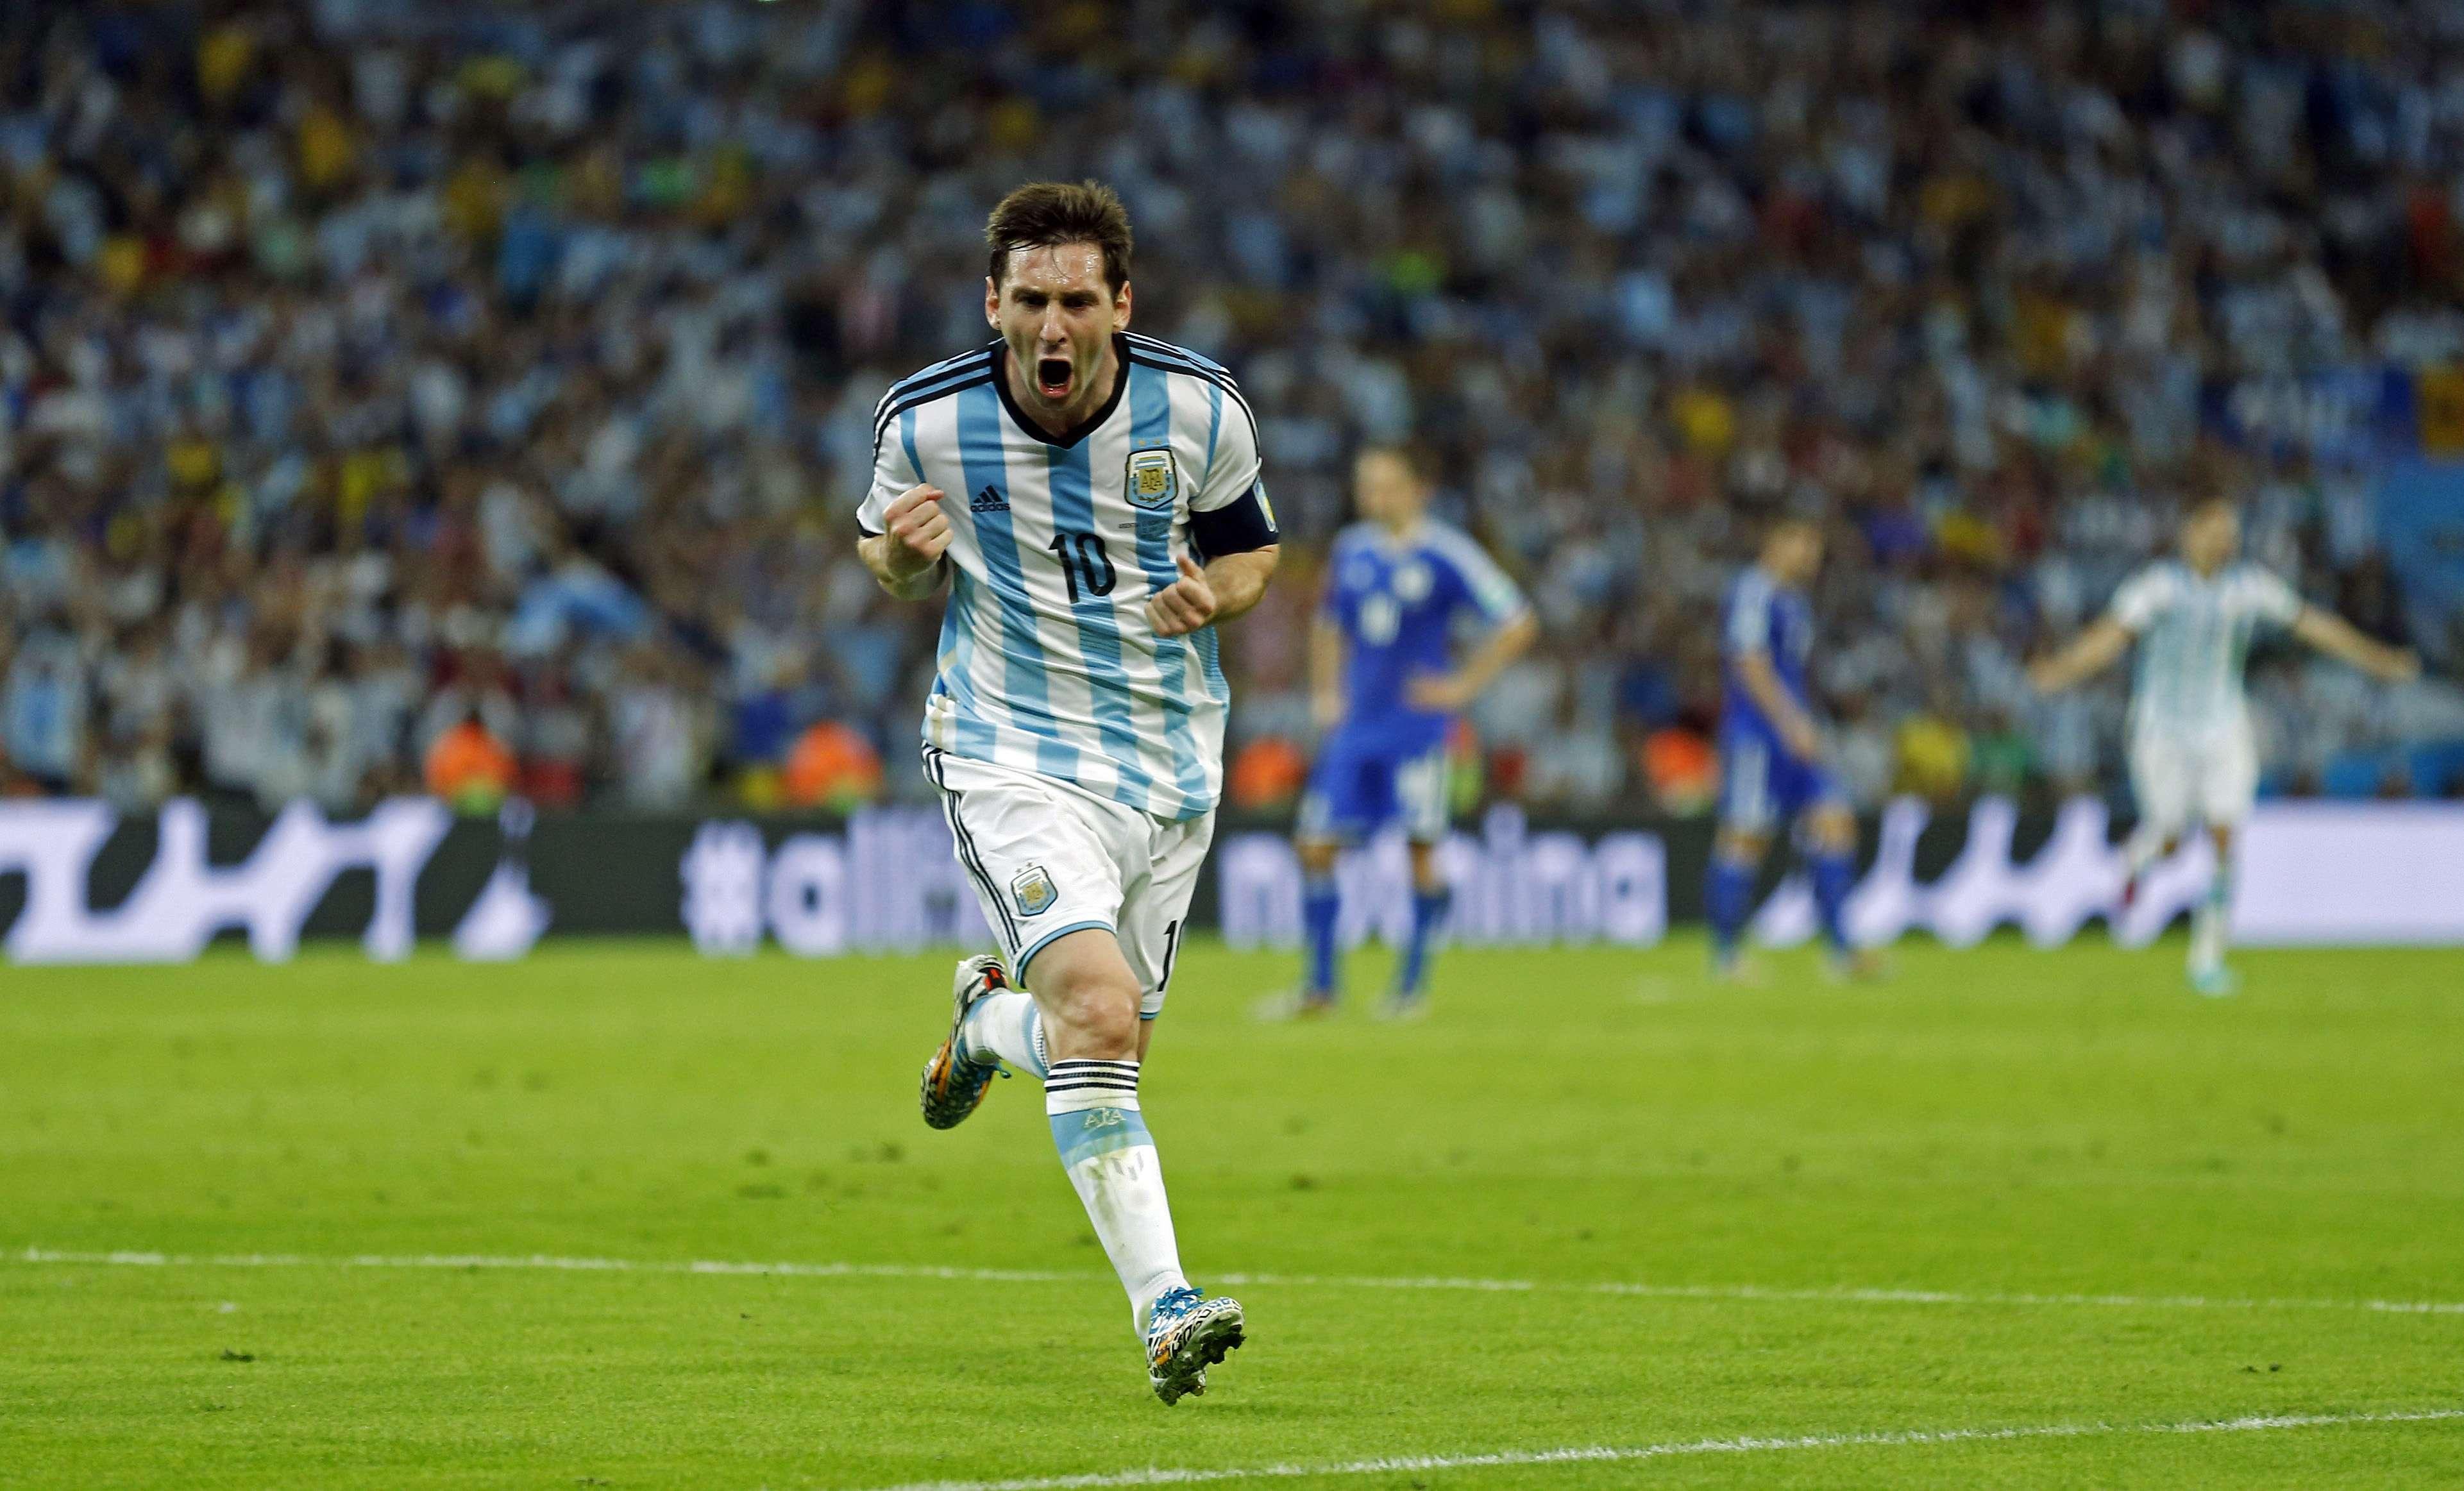 """Após gol decisivo, tuiteiros não perdoam Messi: """"jogou nada"""""""